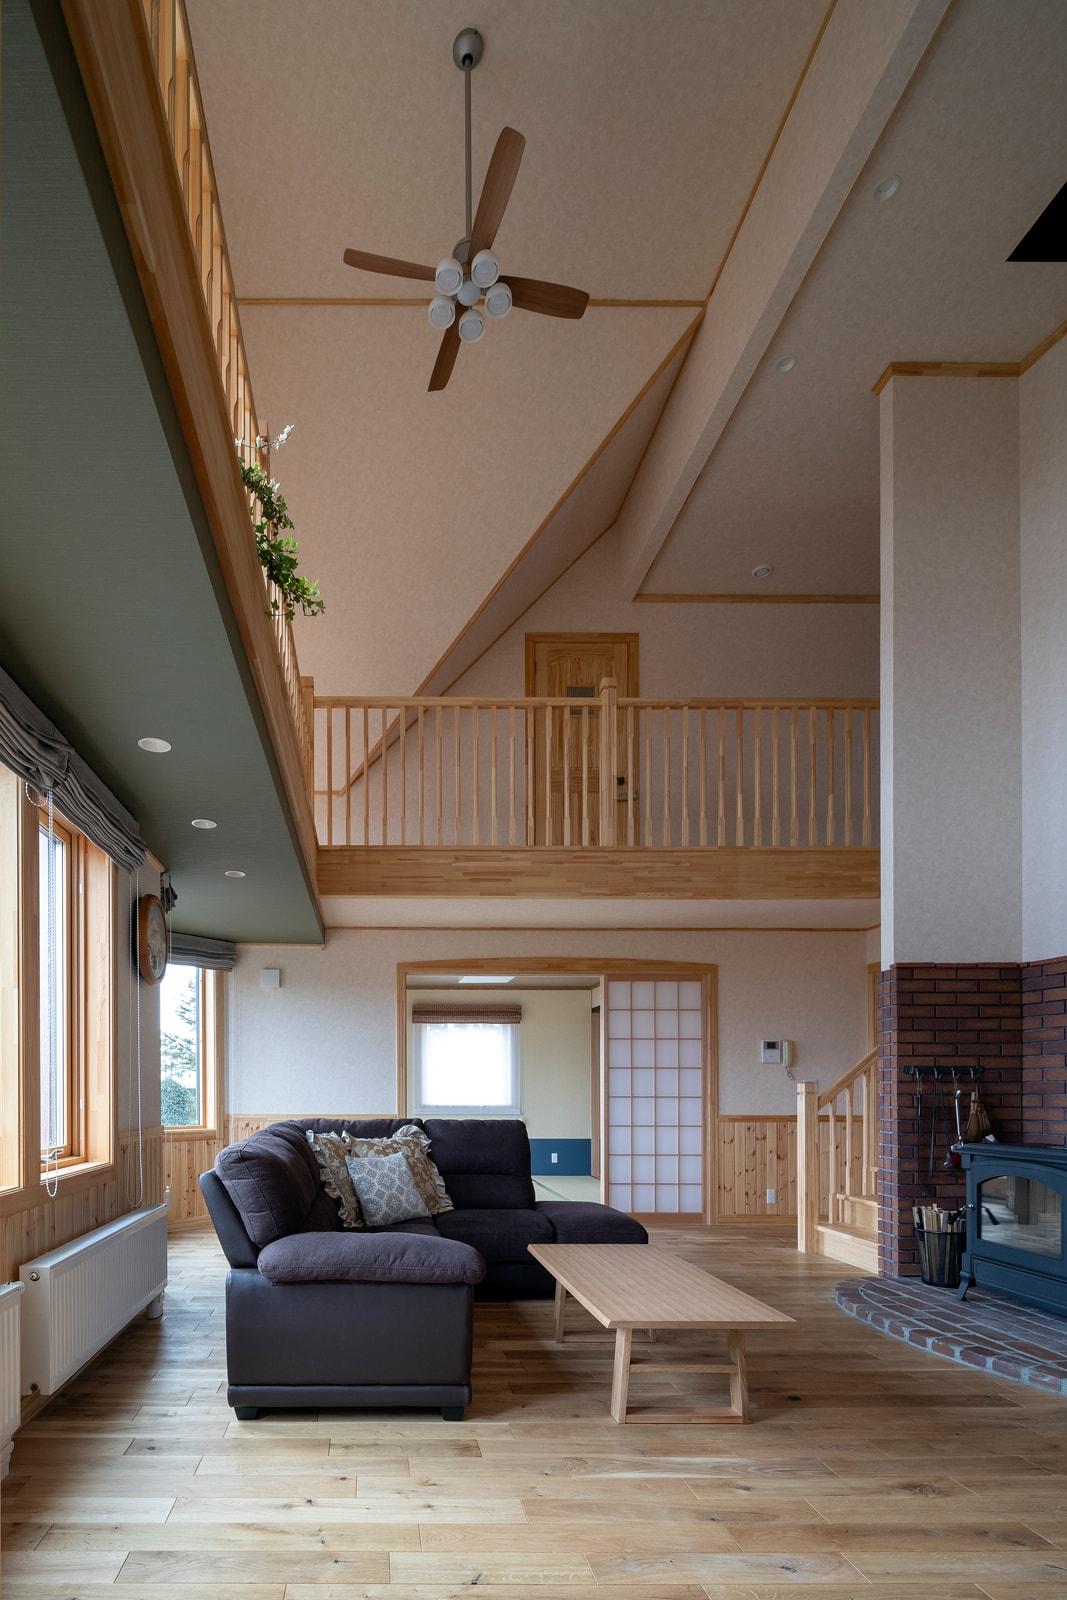 主暖房としてリビングと個室にパネルヒーターを設置し、補助暖房で薪ストーブを導入したケース